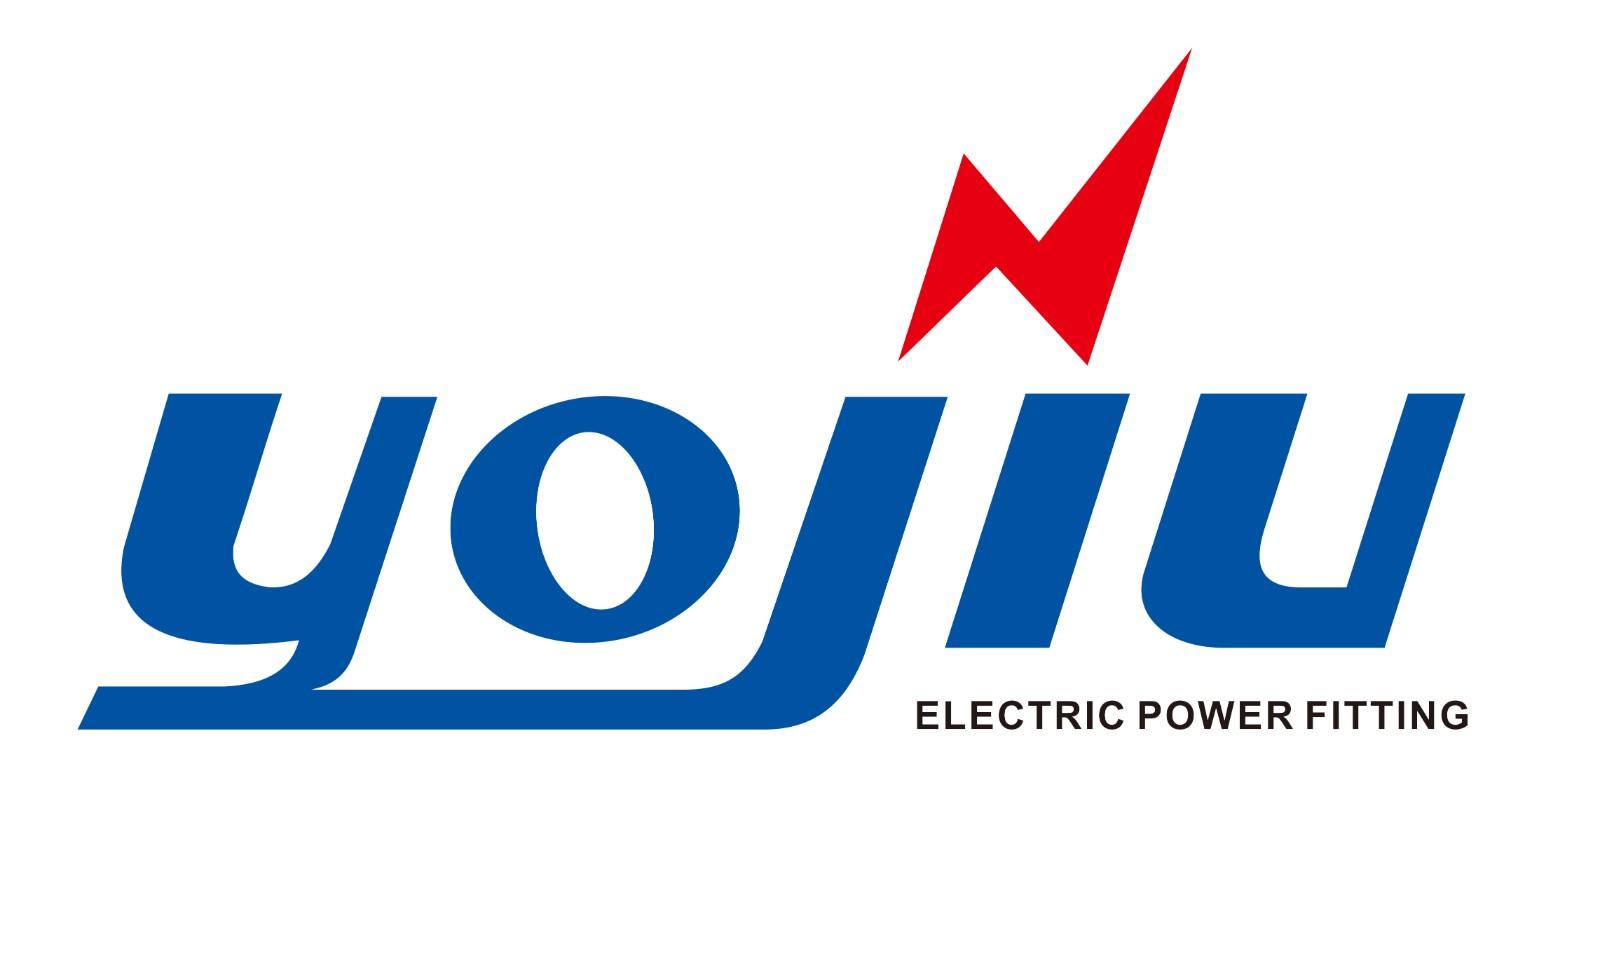 ZHEJIANG YONGJIU ELECTRIC POWER TITTING CO., LTD.